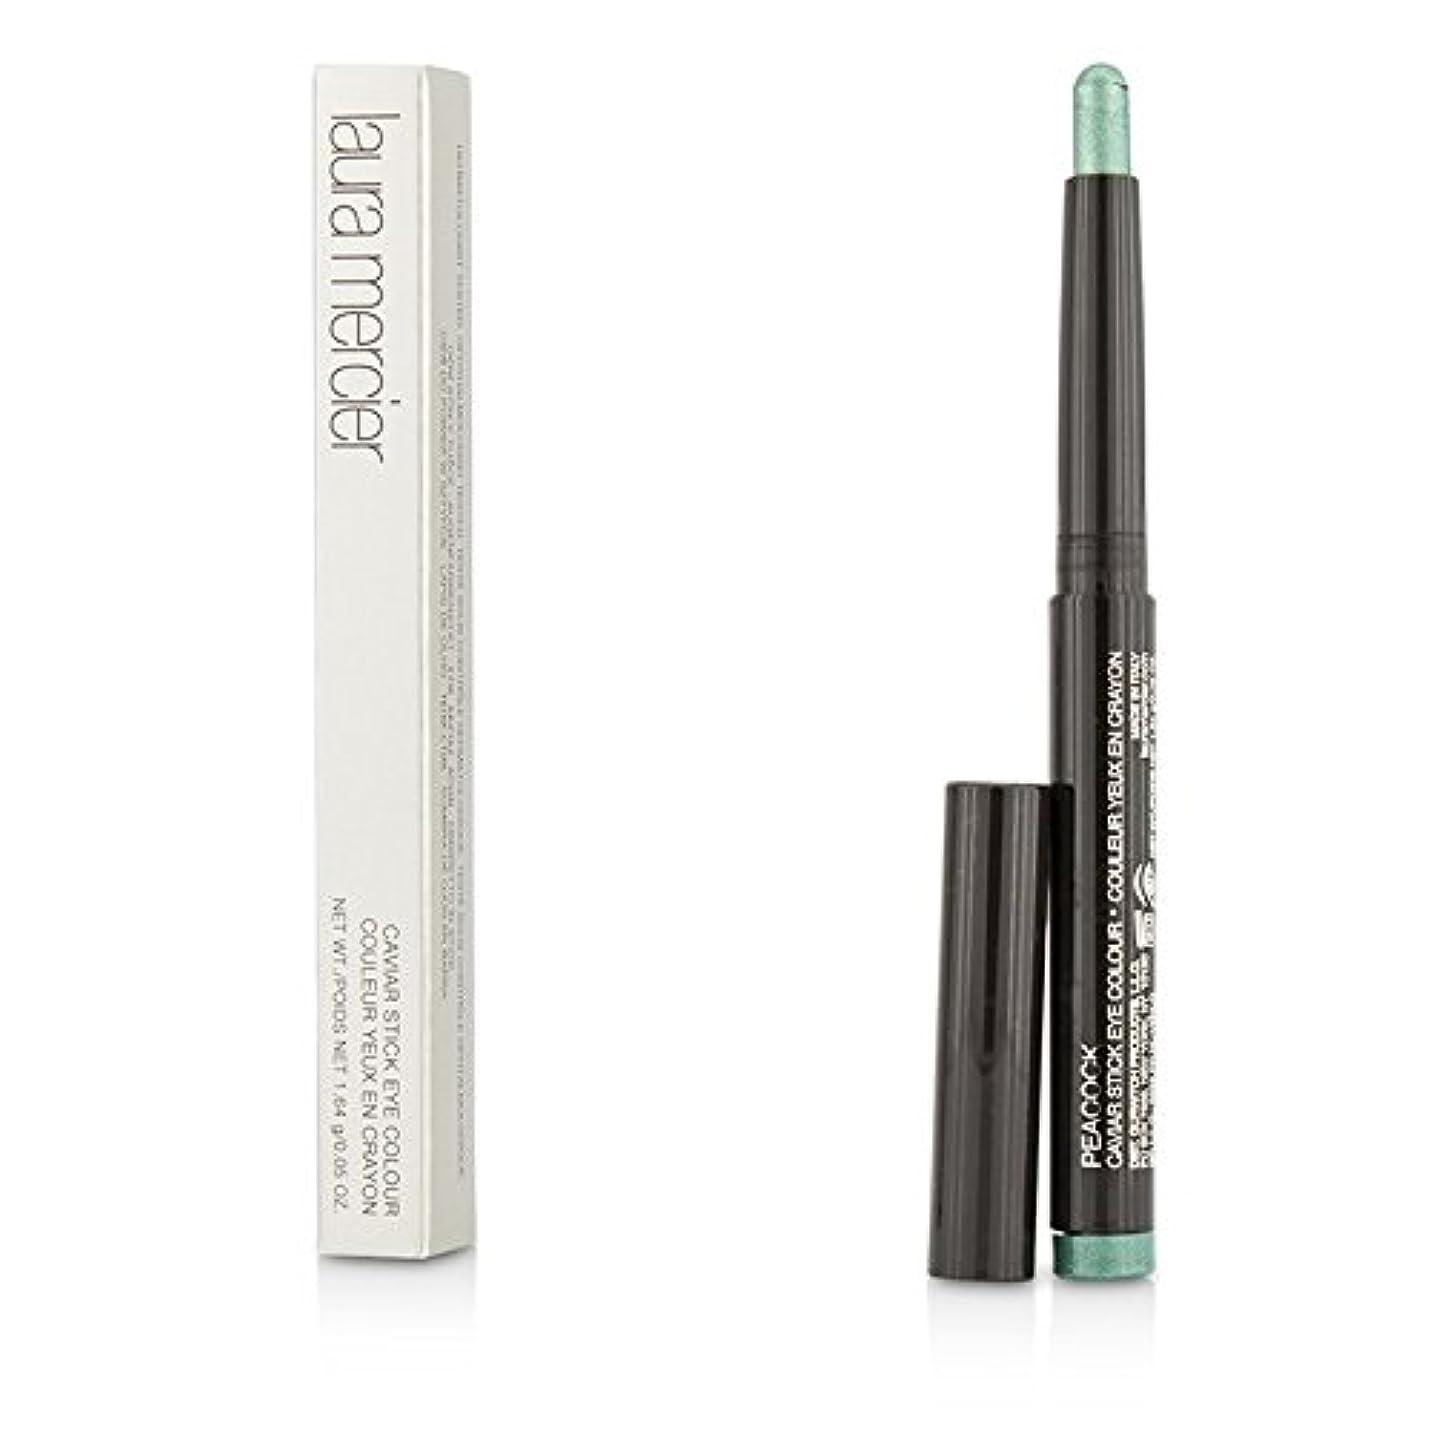 パケットインチ篭ローラメルシエ Caviar Stick Eye Color - # Peacock 1.64g/0.05oz並行輸入品